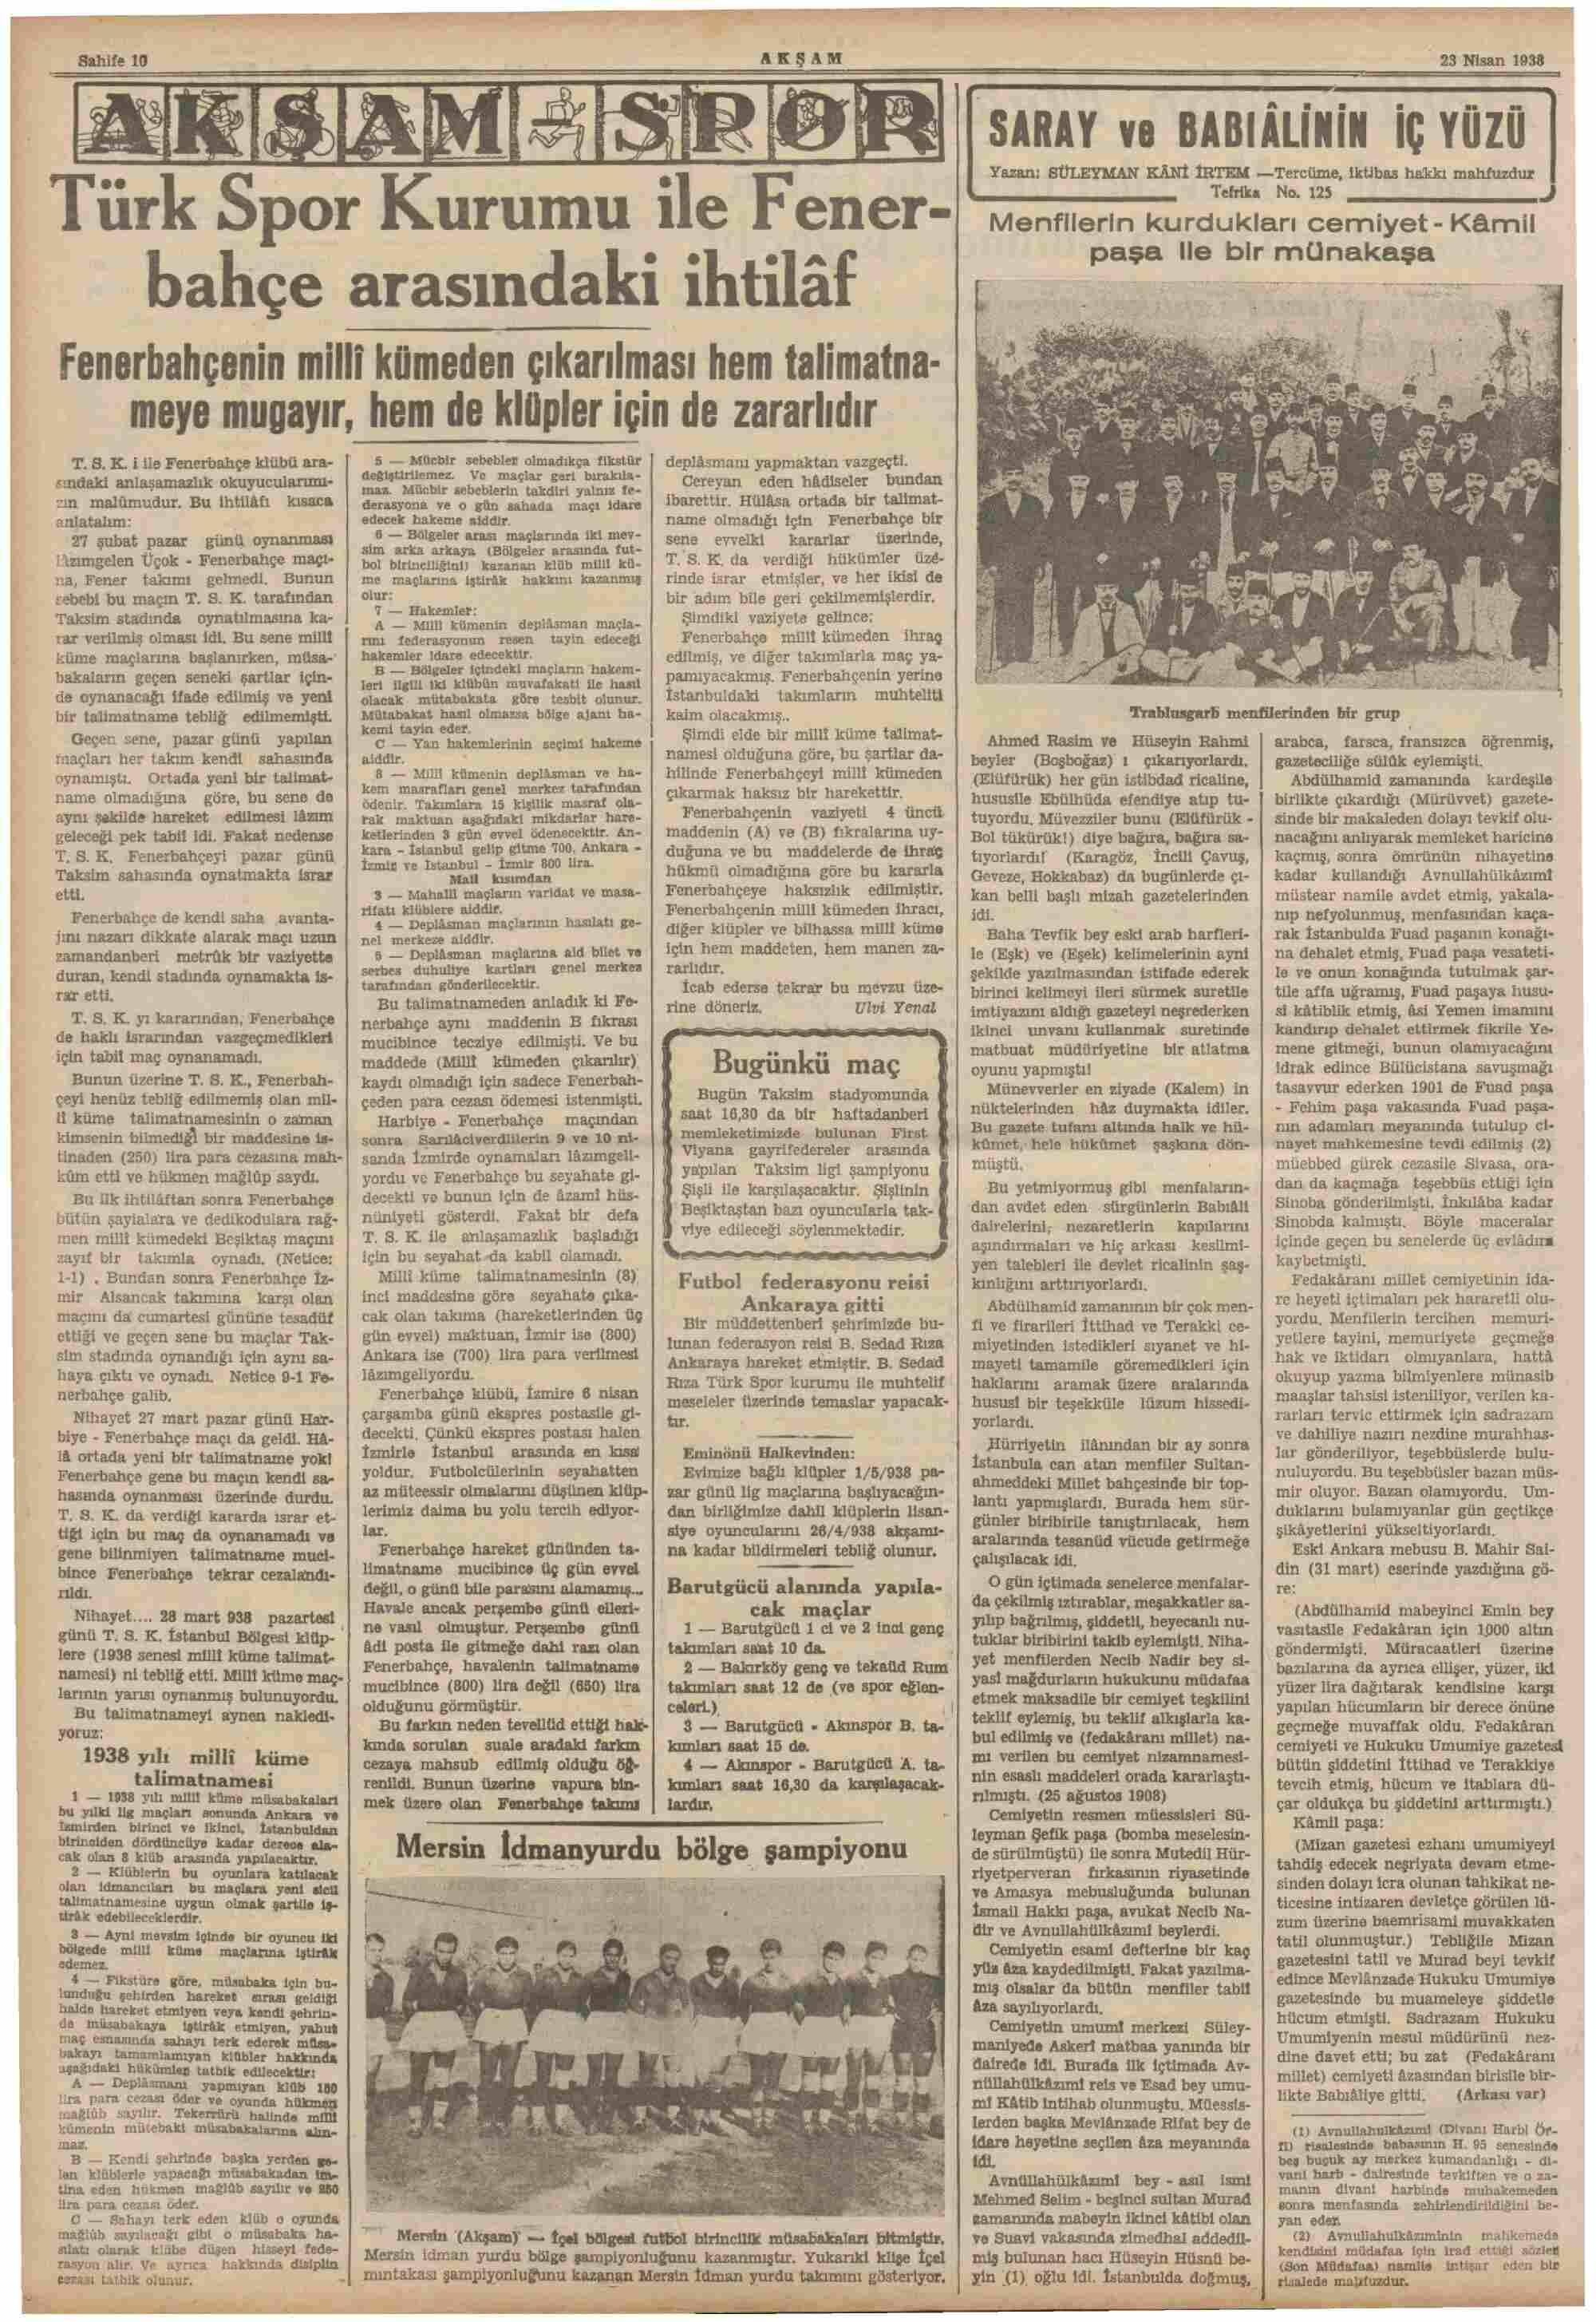 23 Nisan 1938 Tarihli Akşam Dergisi Sayfa 10